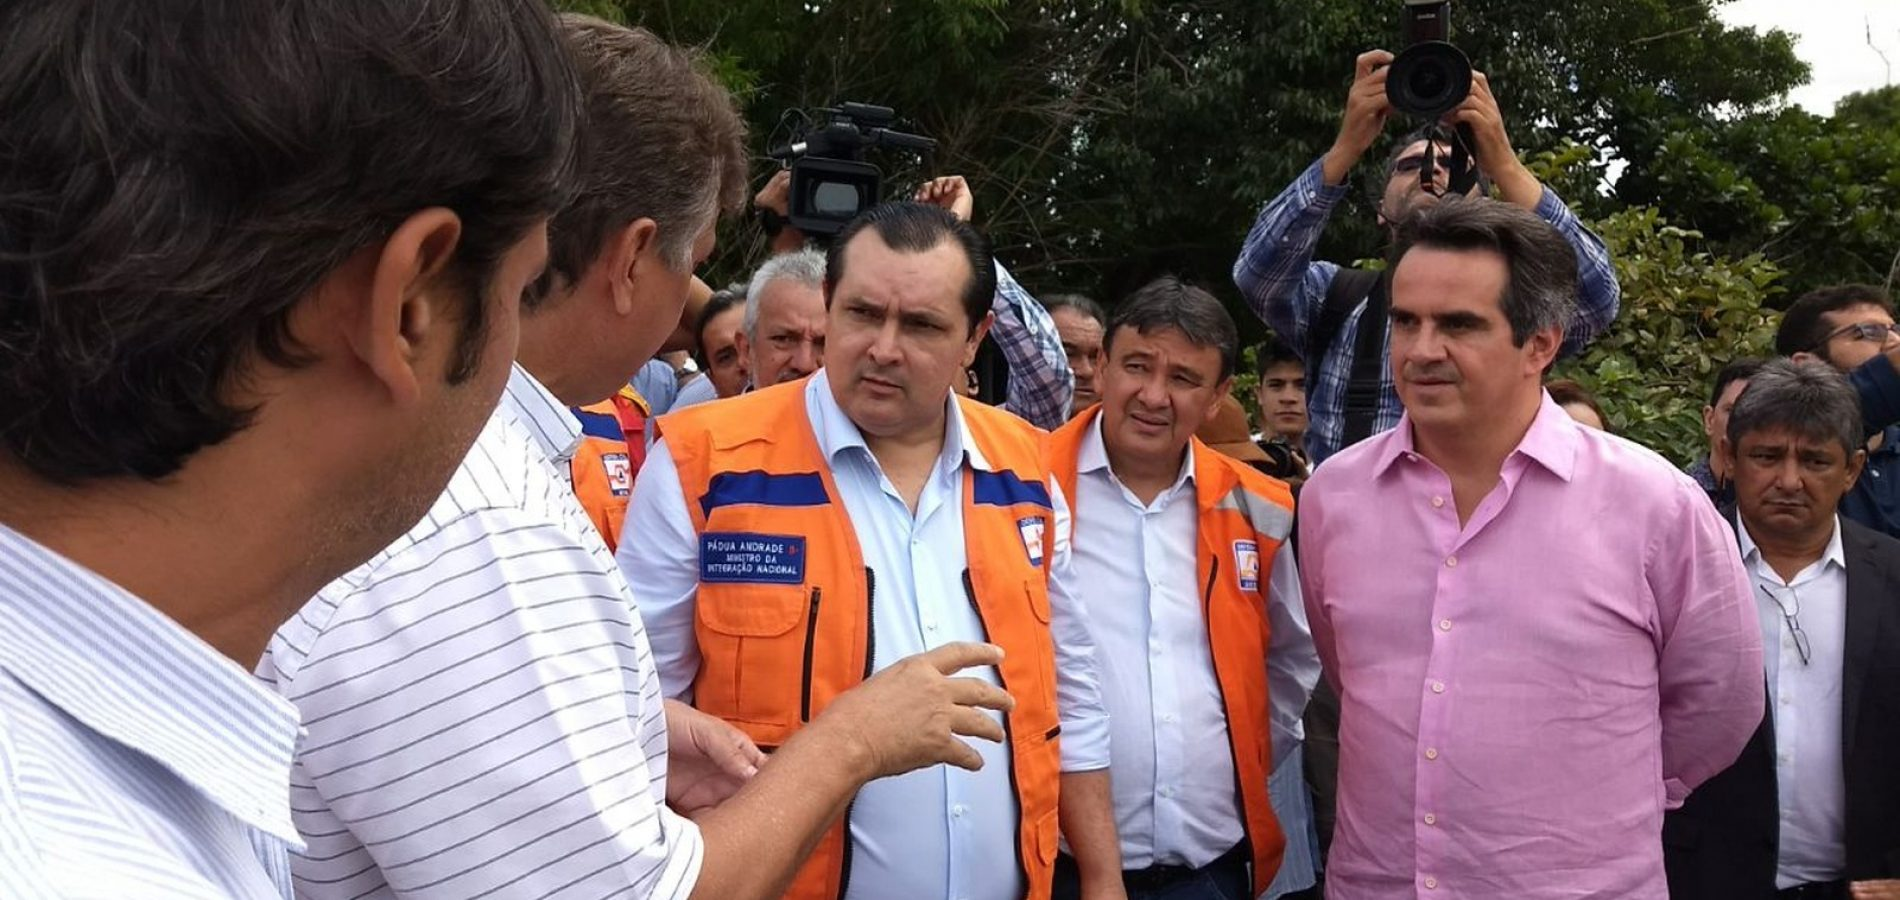 'Prioridade é atender famílias atingidas pelas enchentes', diz ministro durante vistoria na Barragem do Bezerro